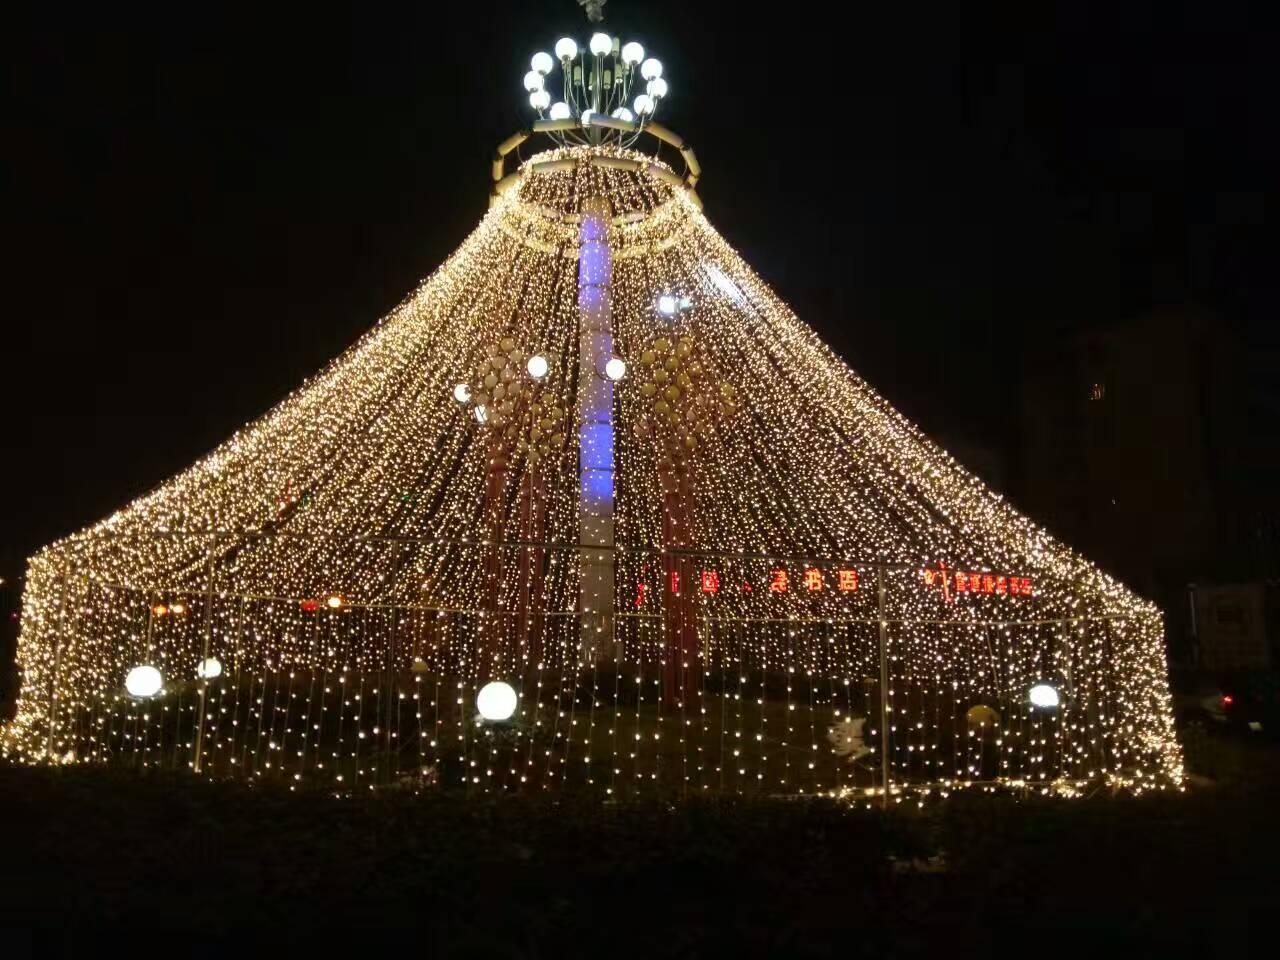 徐州 贾汪潘安湖绚丽多彩的灯光节景色